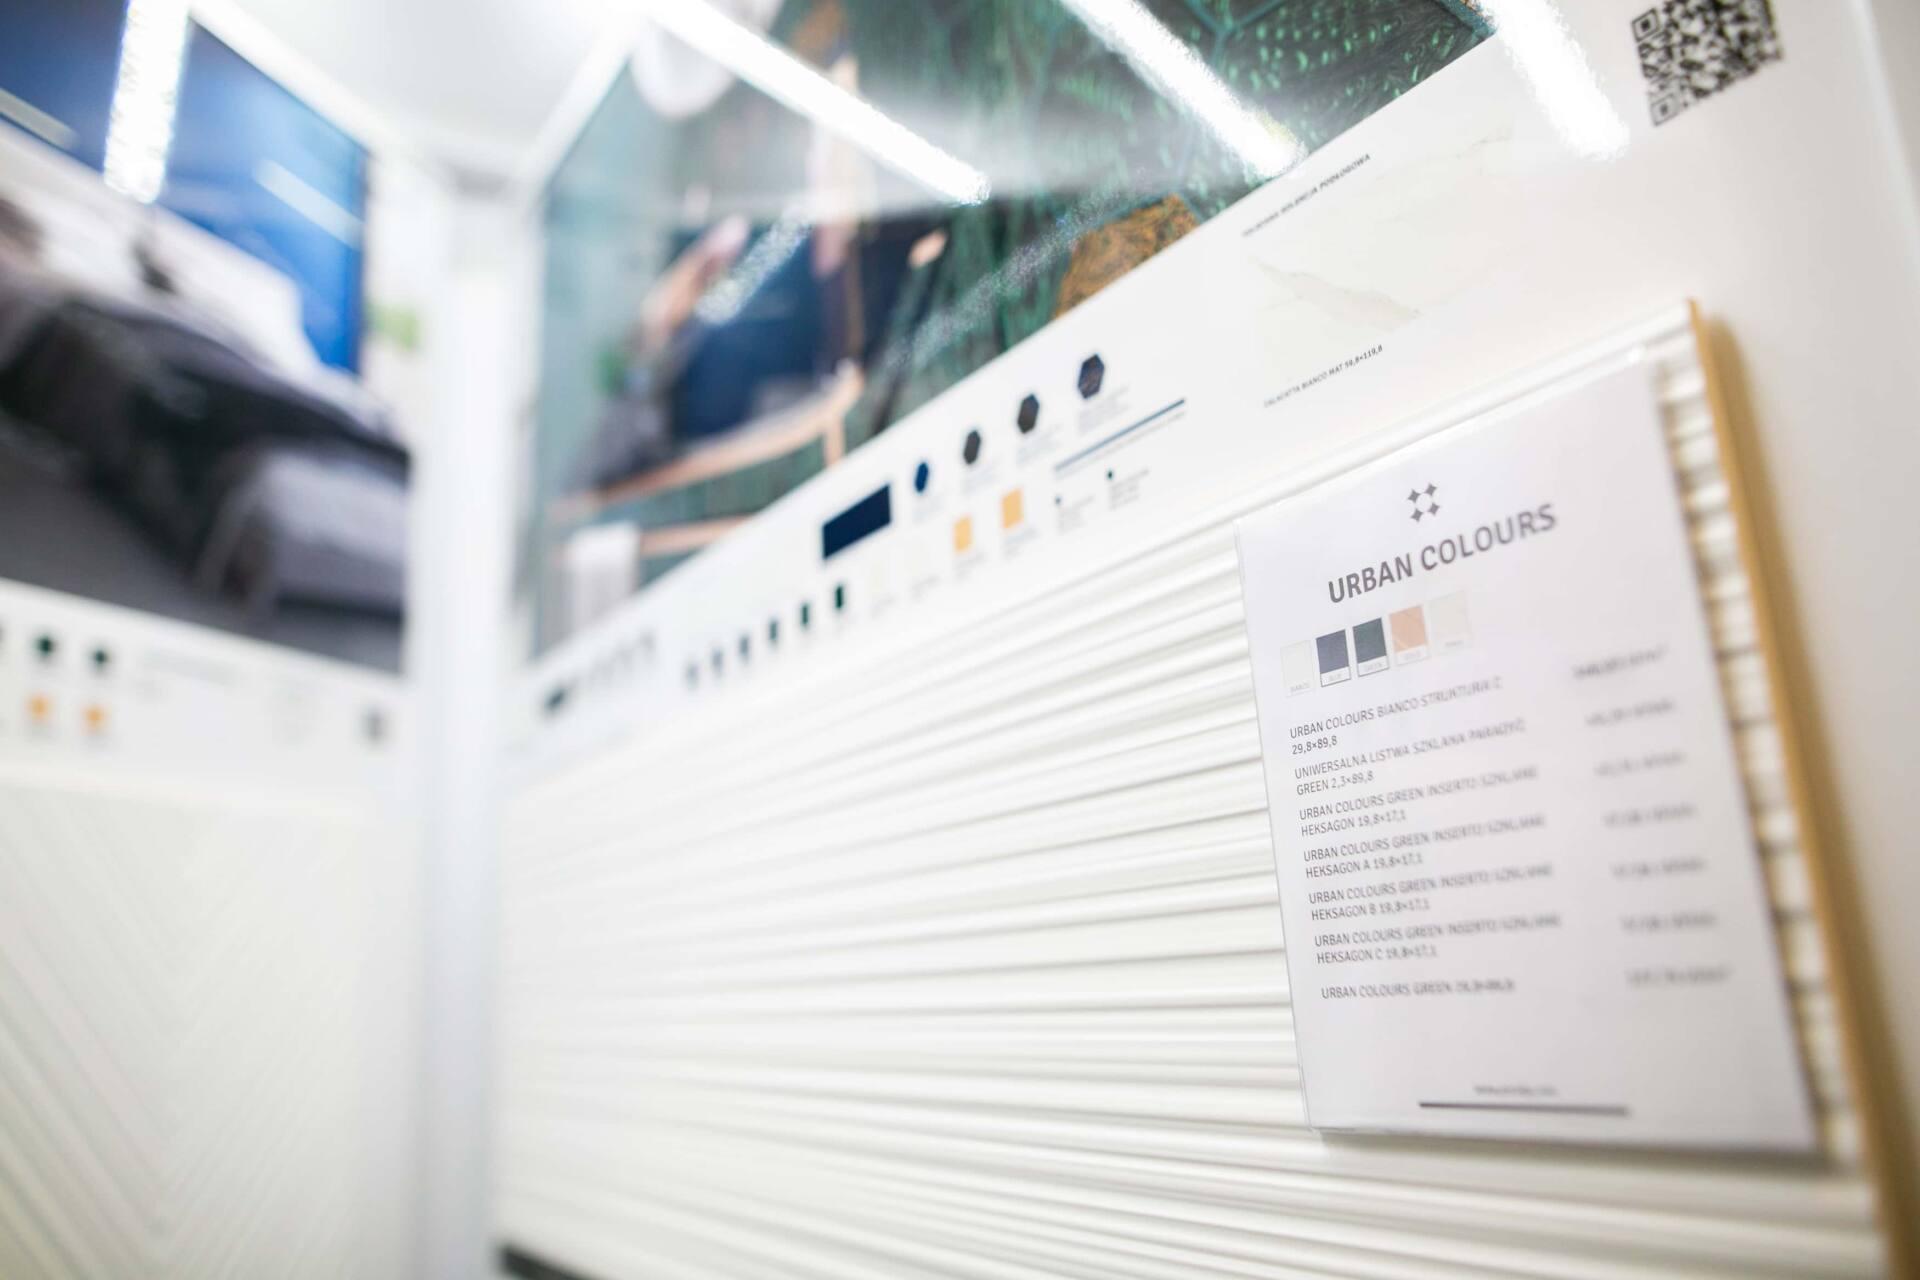 5db 5607 Salon BLU: na ponad 500 m2., 36 łazienkowych aranżacji i bogata ekspozycja wyposażenia (zdjęcia)